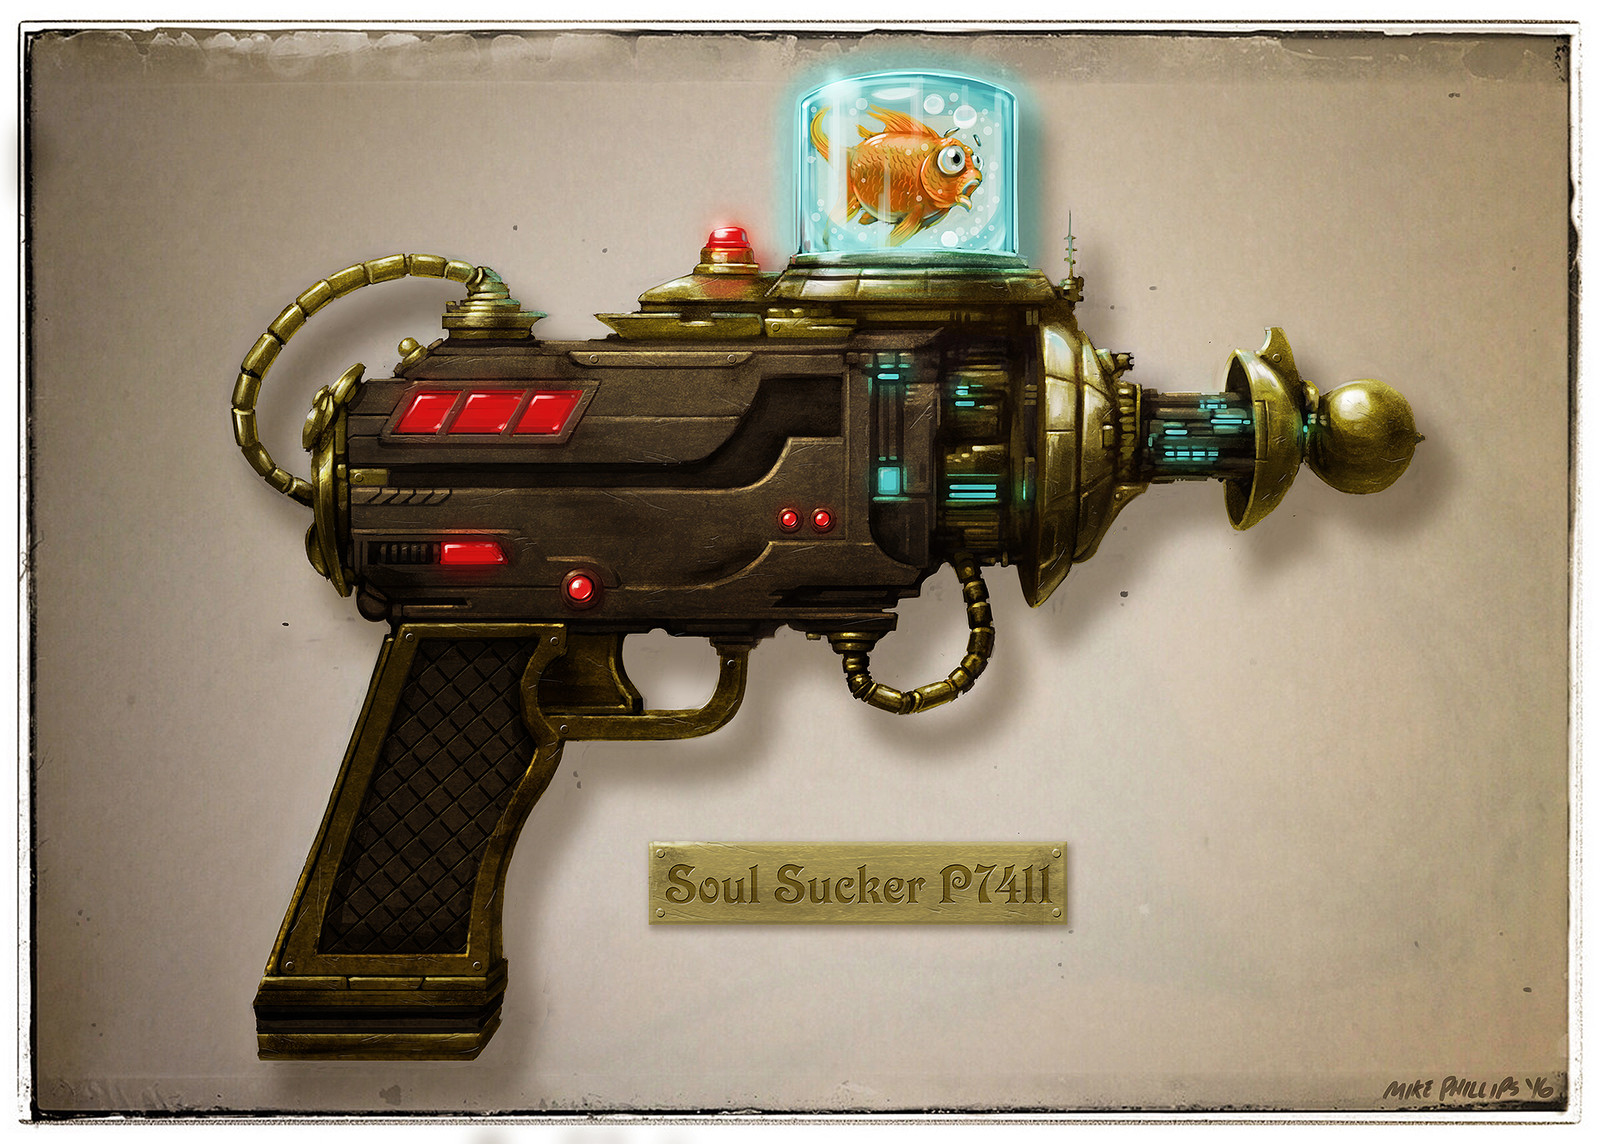 Soul Sucker P7411